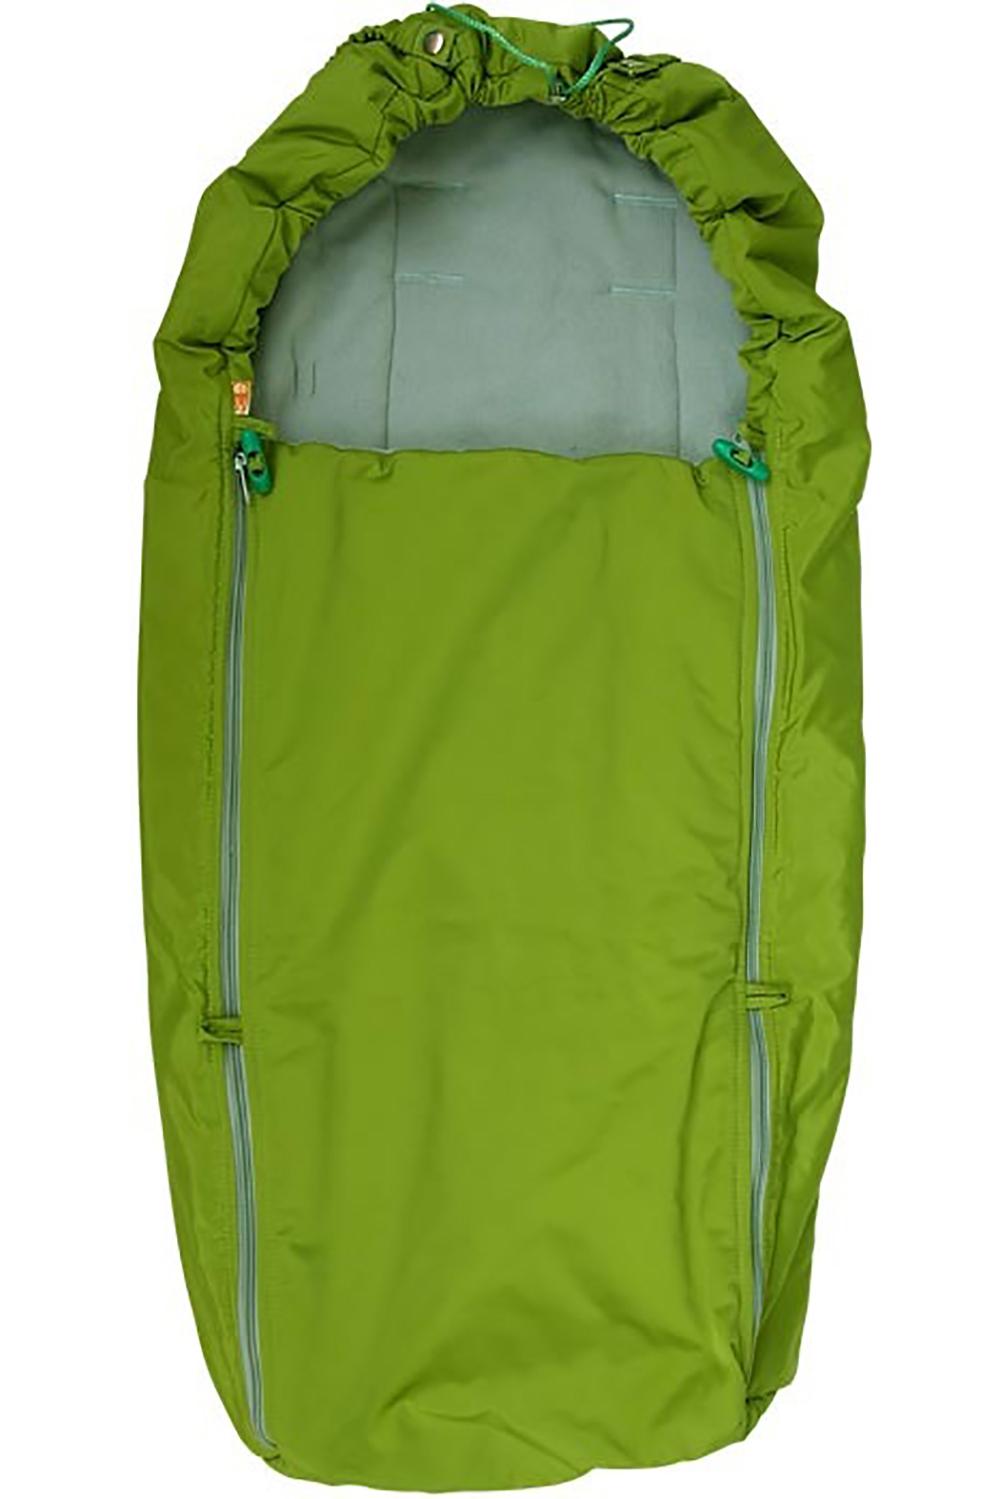 КонвертОдеяла и подушки<br>Флисовый конверт – это надежная защита от любых погодных условий: дождя, снега, ветра, мороза. Малыш всегда чувствует себя предельно комфортно и в то же время свободно. Конверт предназначен не только для новорожденных, он рассчитан на длительное использование. Может использоваться в сочетании с сидячими колясками, а также с санками и автокреслами.  Основные преимущества: - надежная защита от ветра, сырости и мороза до -20 градусов - наличие капюшона с кулиской - две боковые молнии, что облегчает и ускоряет процесс одевания - можно освободить ручки малыша, оставив закрытой грудку - наличие страховочных ремней - прорези под ремни безопастности сидячей коляски или автокресла - длительность использования - простота в уходе  верх с в/о пропиткой подкладка флис (100% Пэ) утеплитель холлофан  Цвет: зеленый<br><br>По сезону: Всесезон<br>Размер : UNI<br>Материал: Болонья<br>Количество в наличии: 1